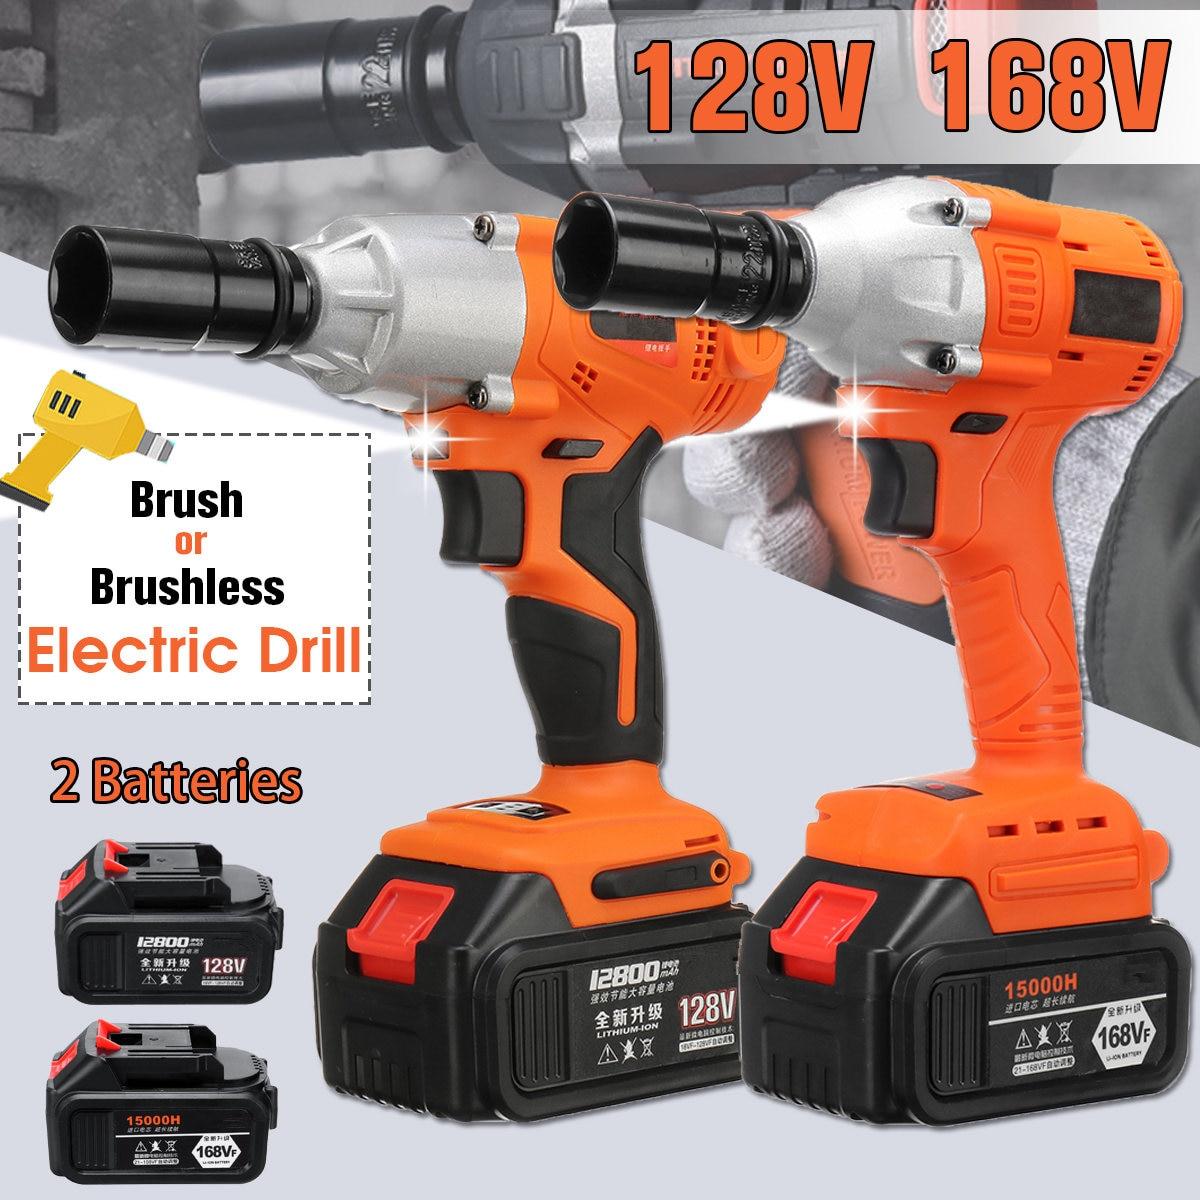 128 V 12800 mAh sans brosse sans fil clé électrique 2 Batteries Impact douille clé 168 V 15000 mAh 2 Type perceuse à main outils électriques